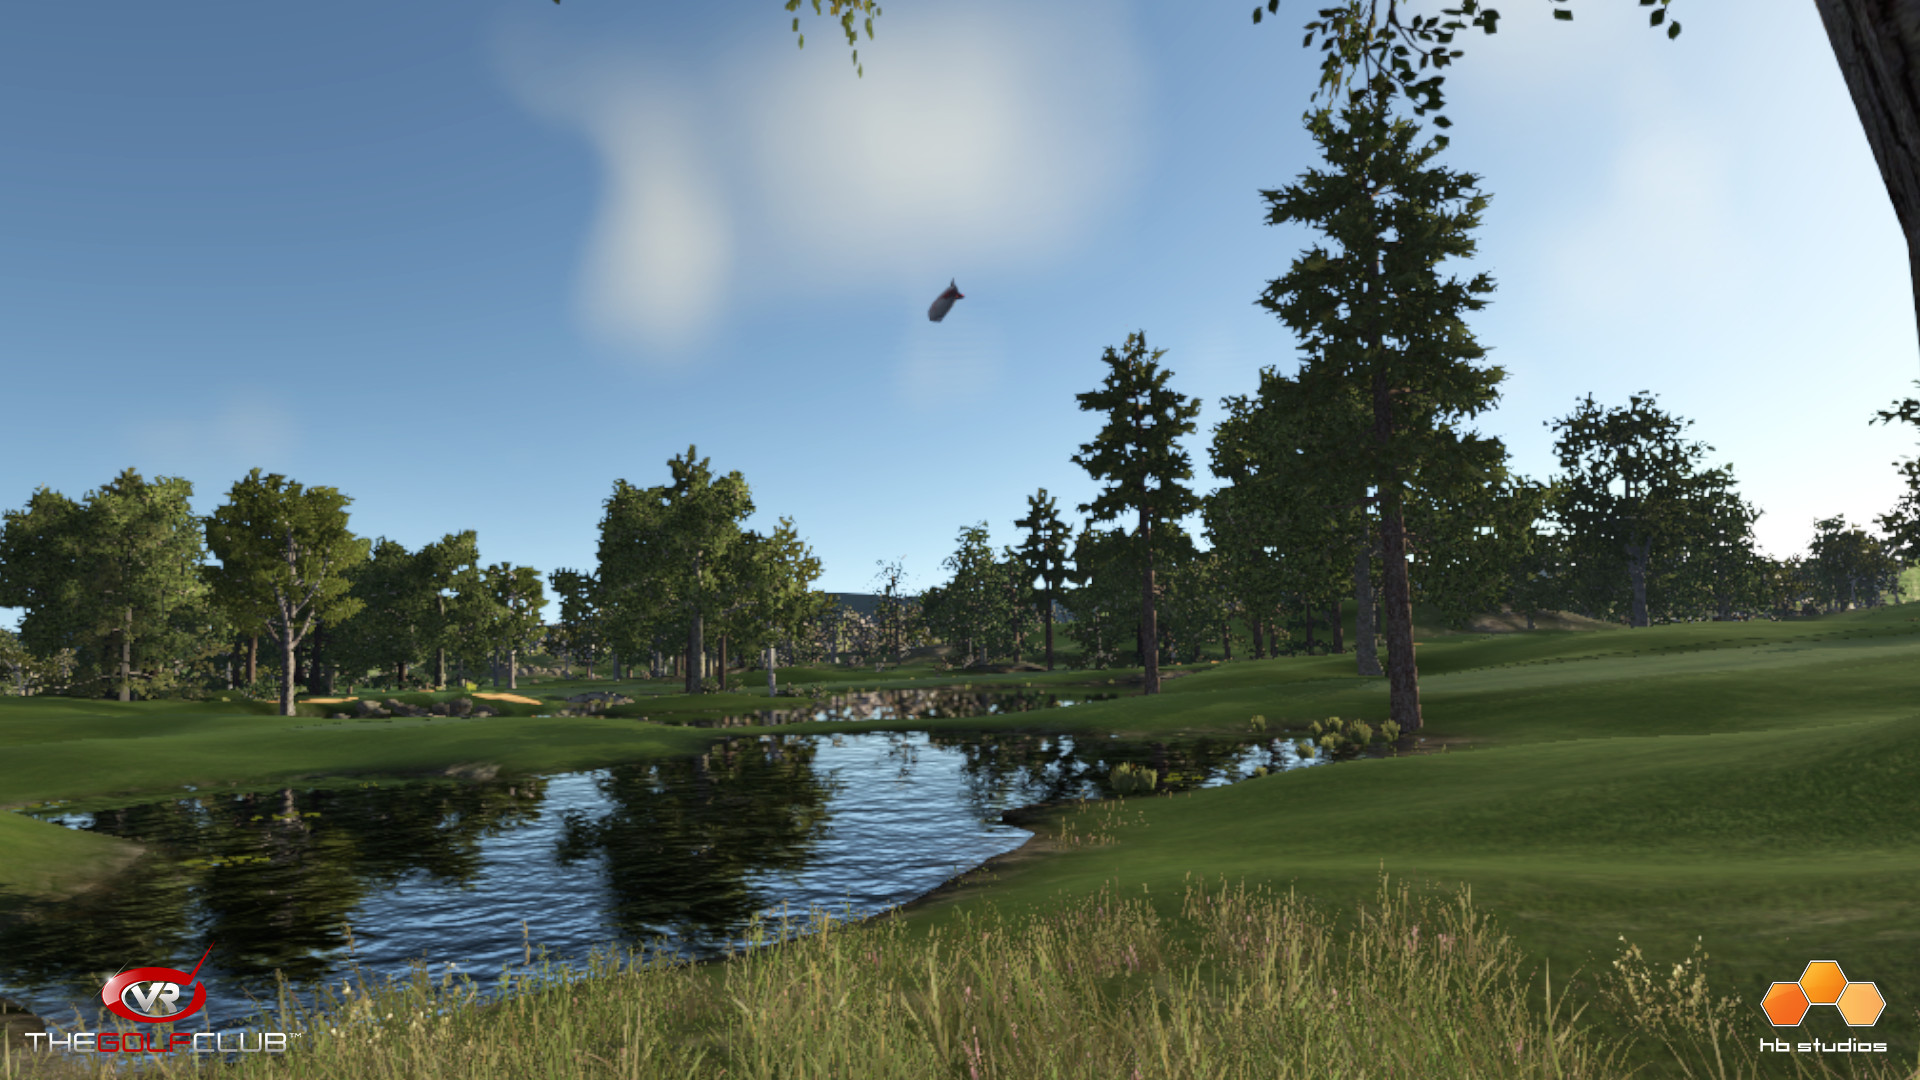 VRゲーム,The Golf Club VR,イメージ